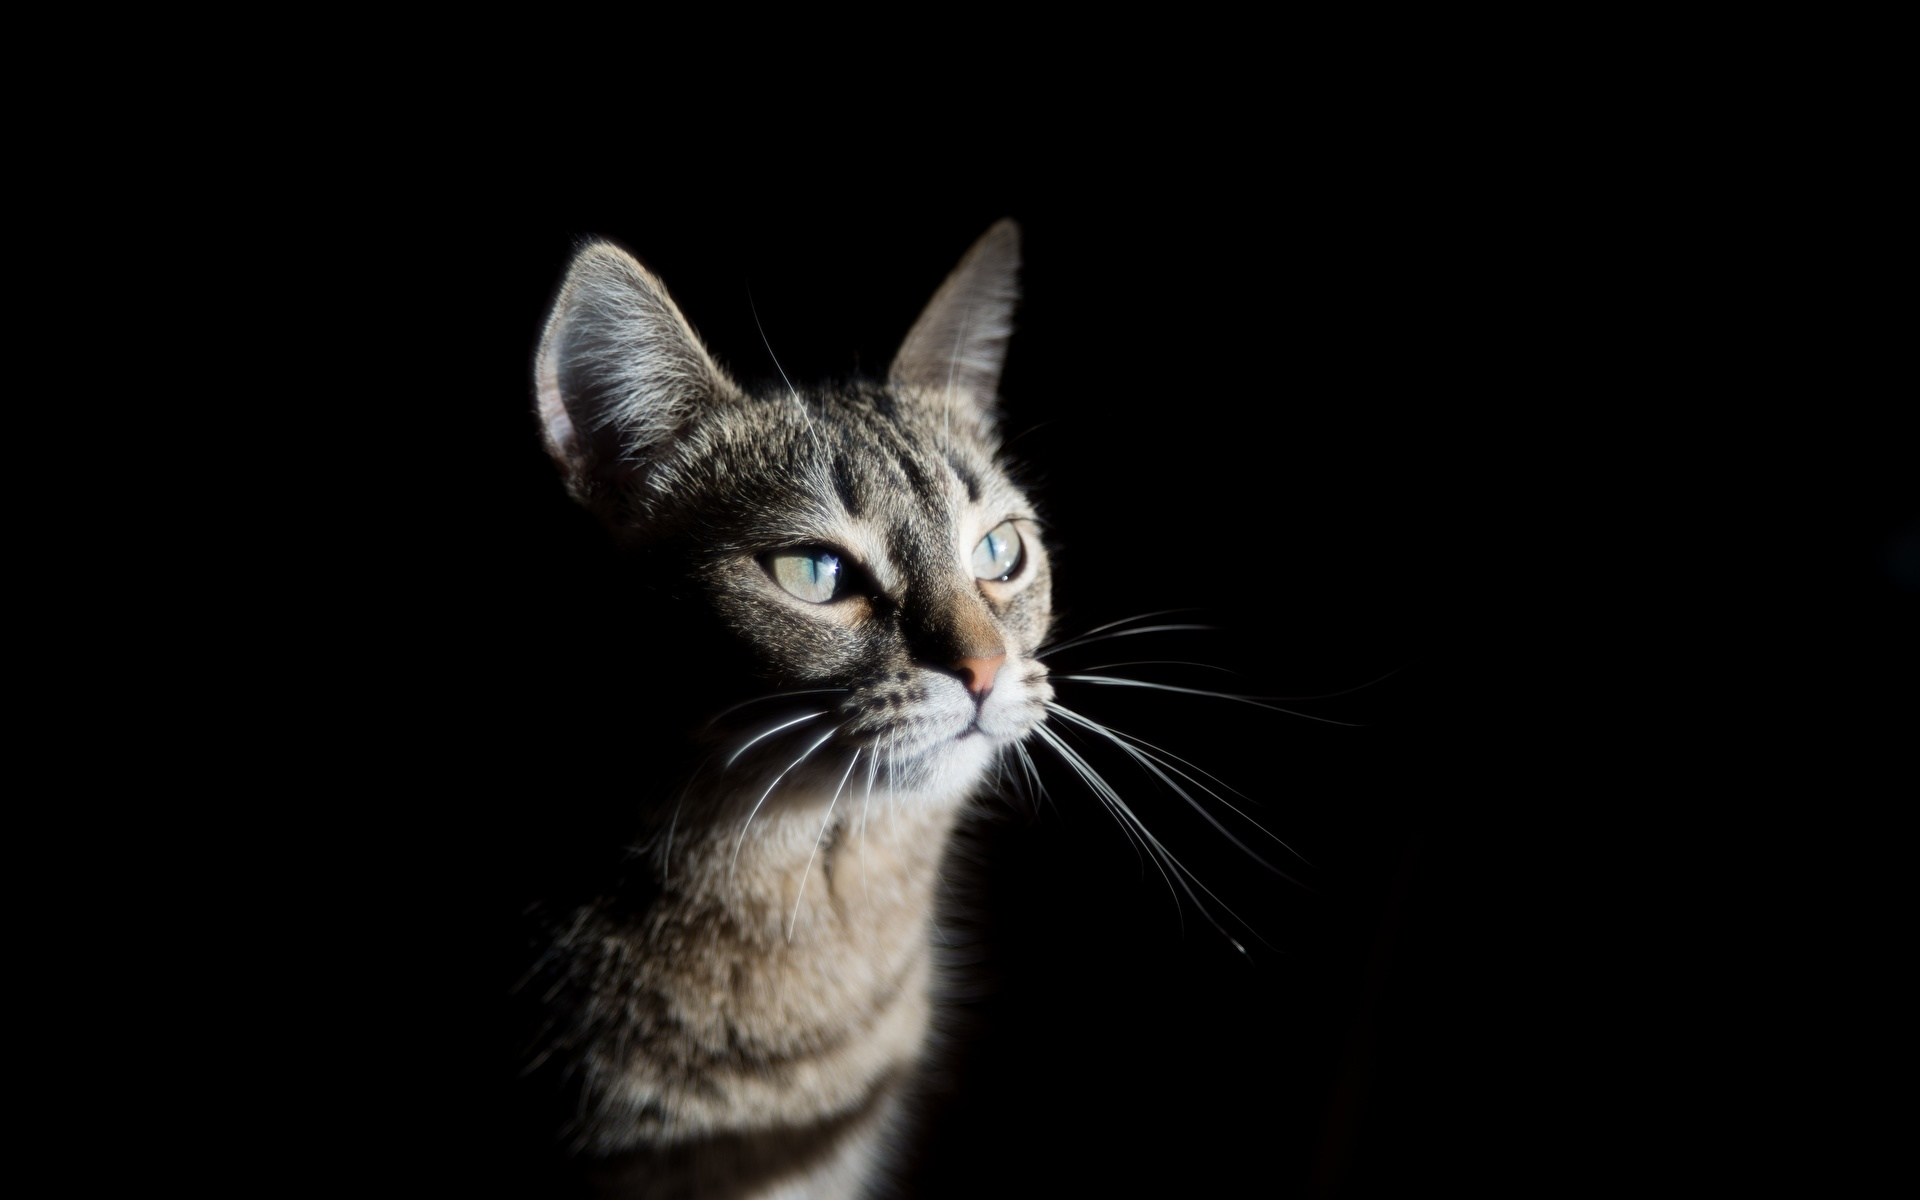 Фото Кошки Усы Вибриссы смотрит Животные Черный фон 1920x1200 кот коты кошка Взгляд смотрят животное на черном фоне